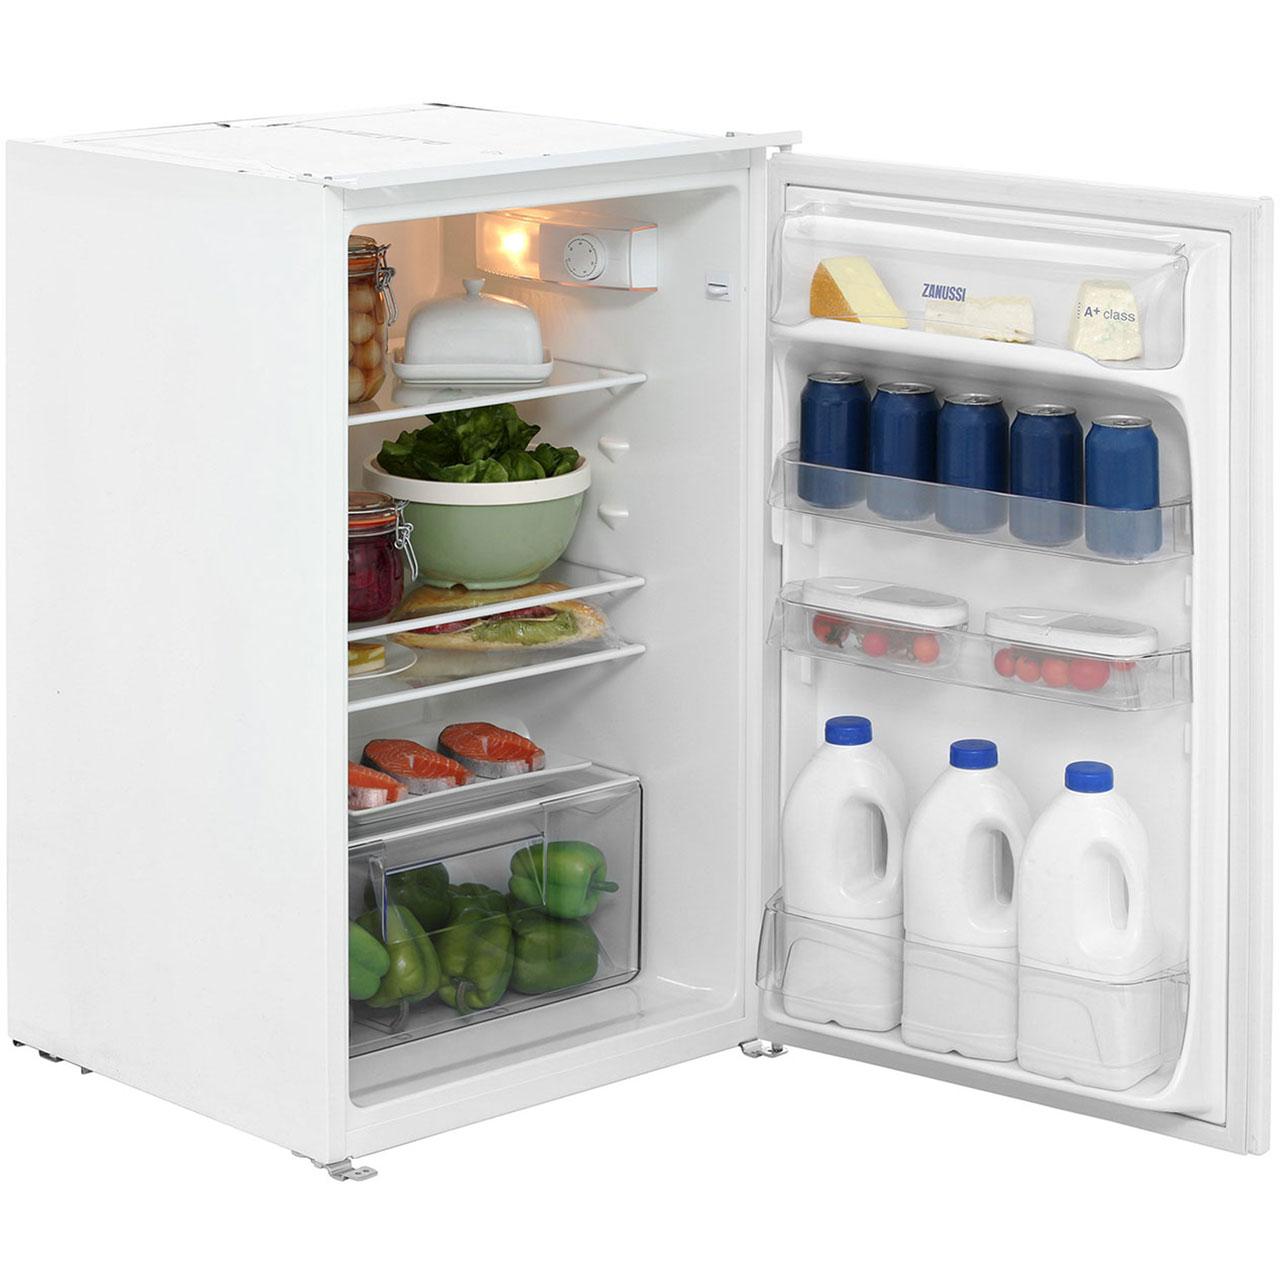 zanussi larder fridge shop for cheap fridges and save online. Black Bedroom Furniture Sets. Home Design Ideas